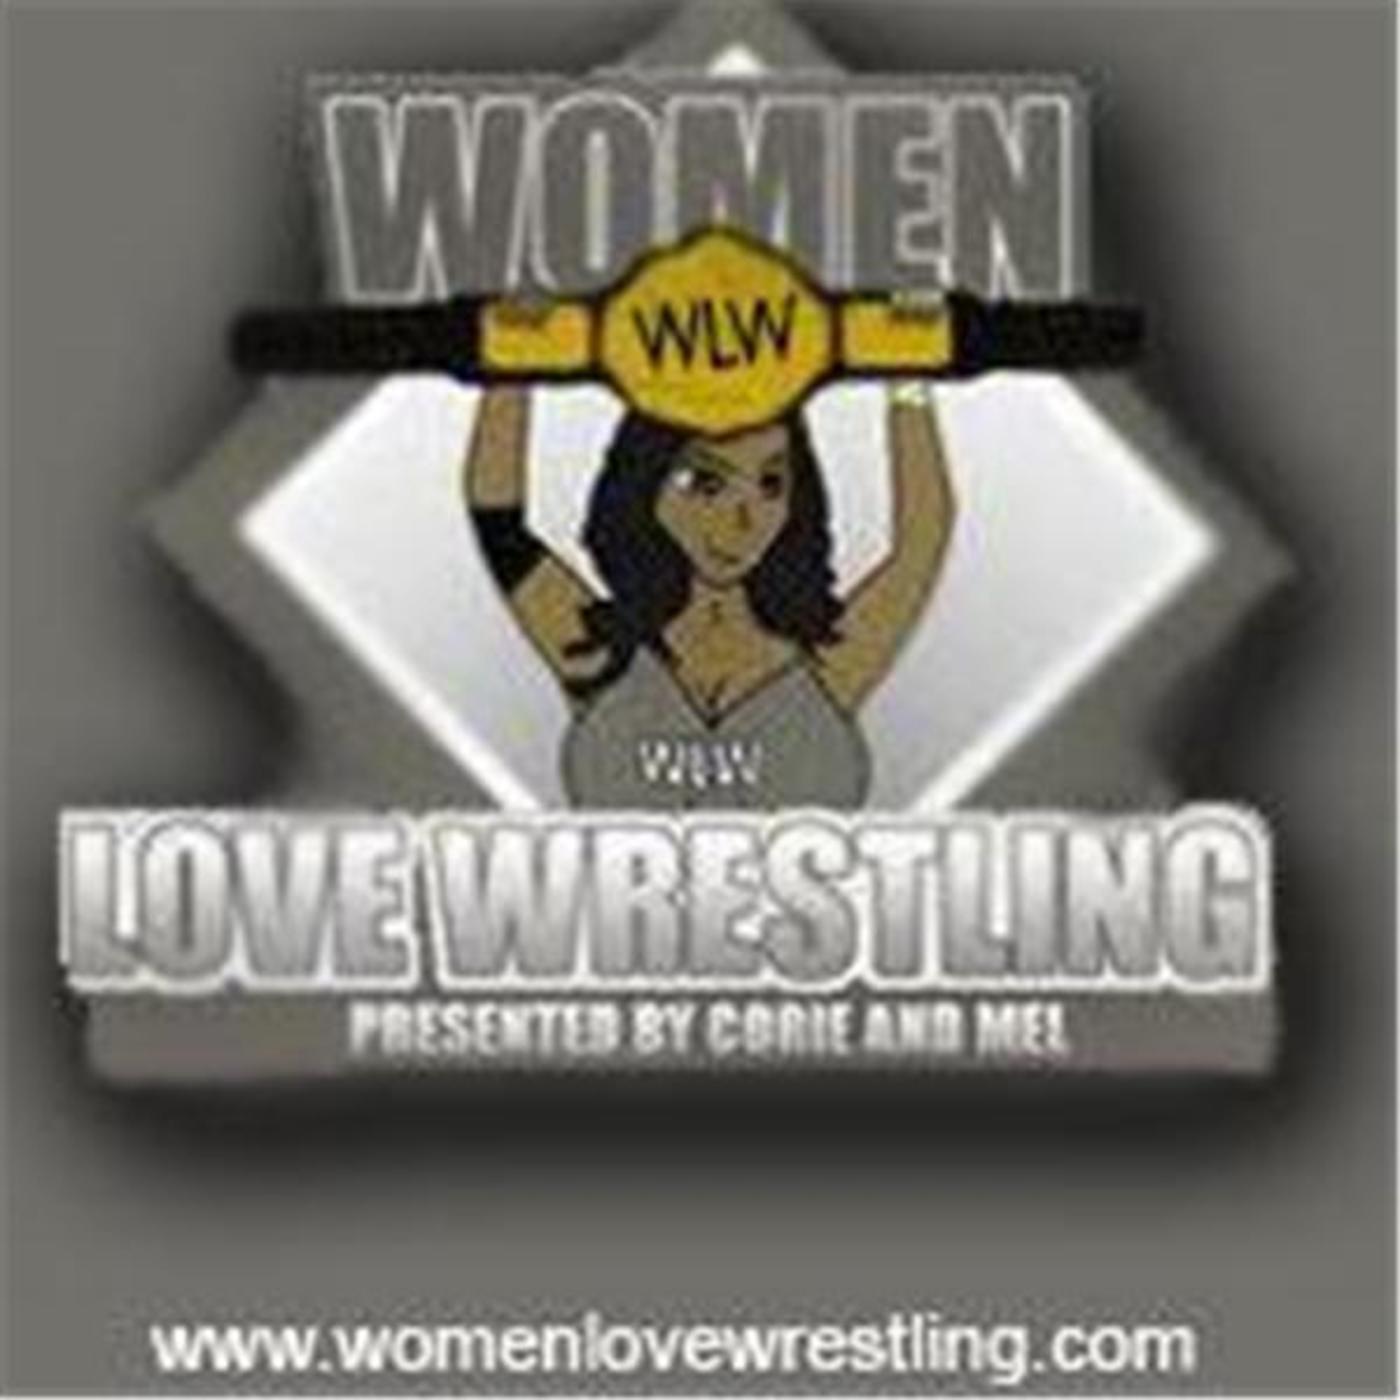 Women Love Wrestling